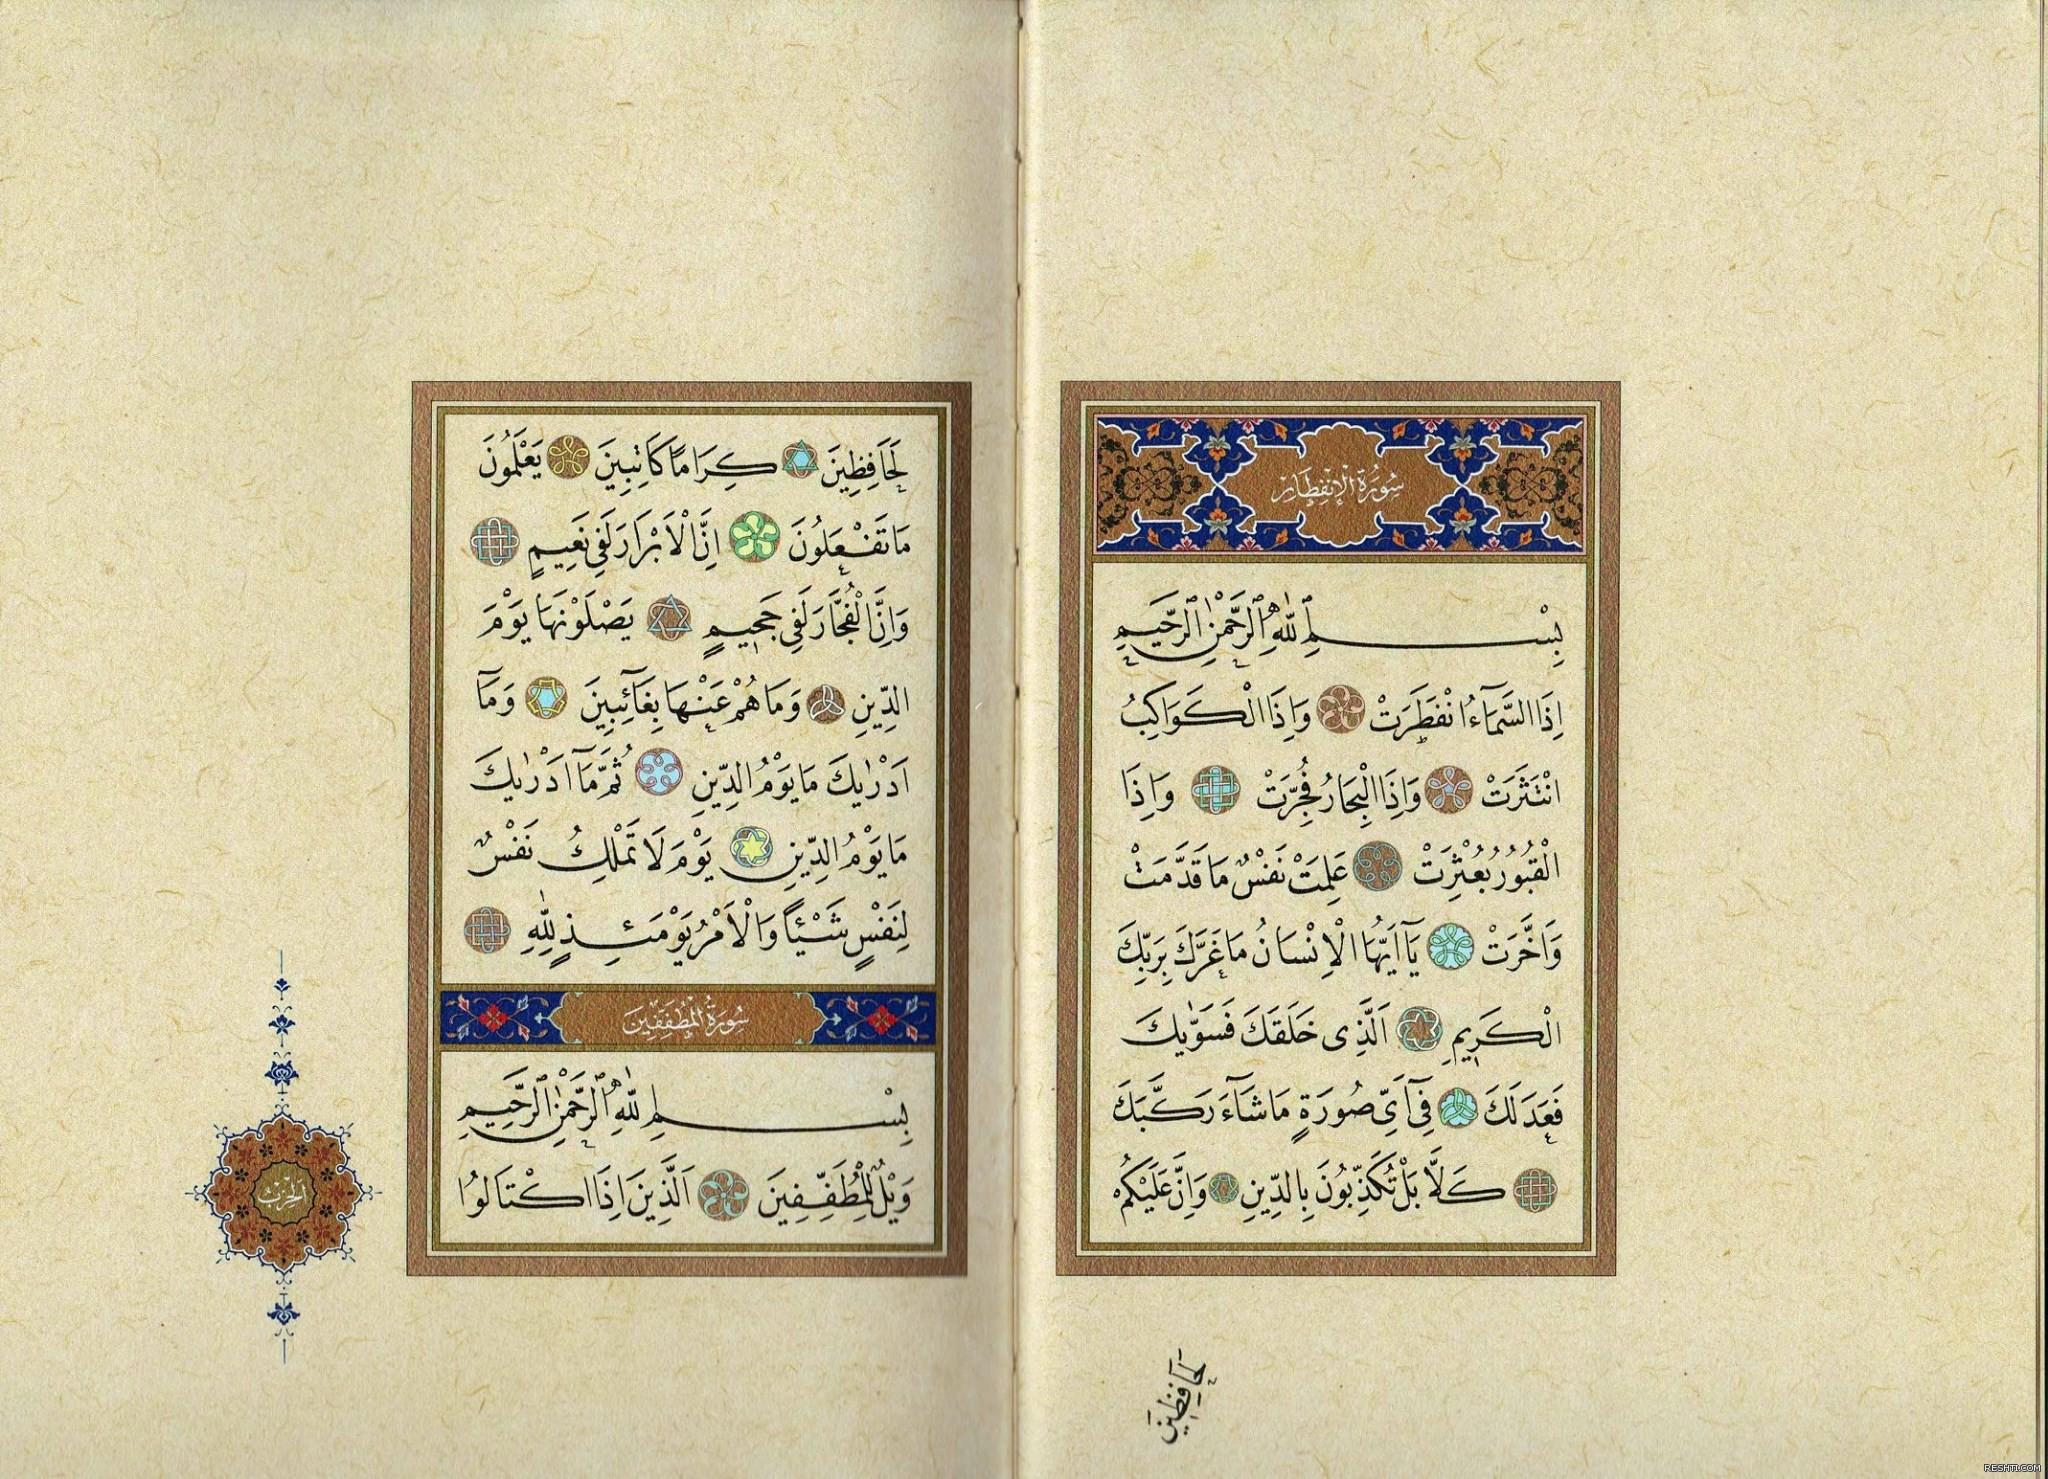 جزء عم ( الخطاط احمد الكامل ) 2